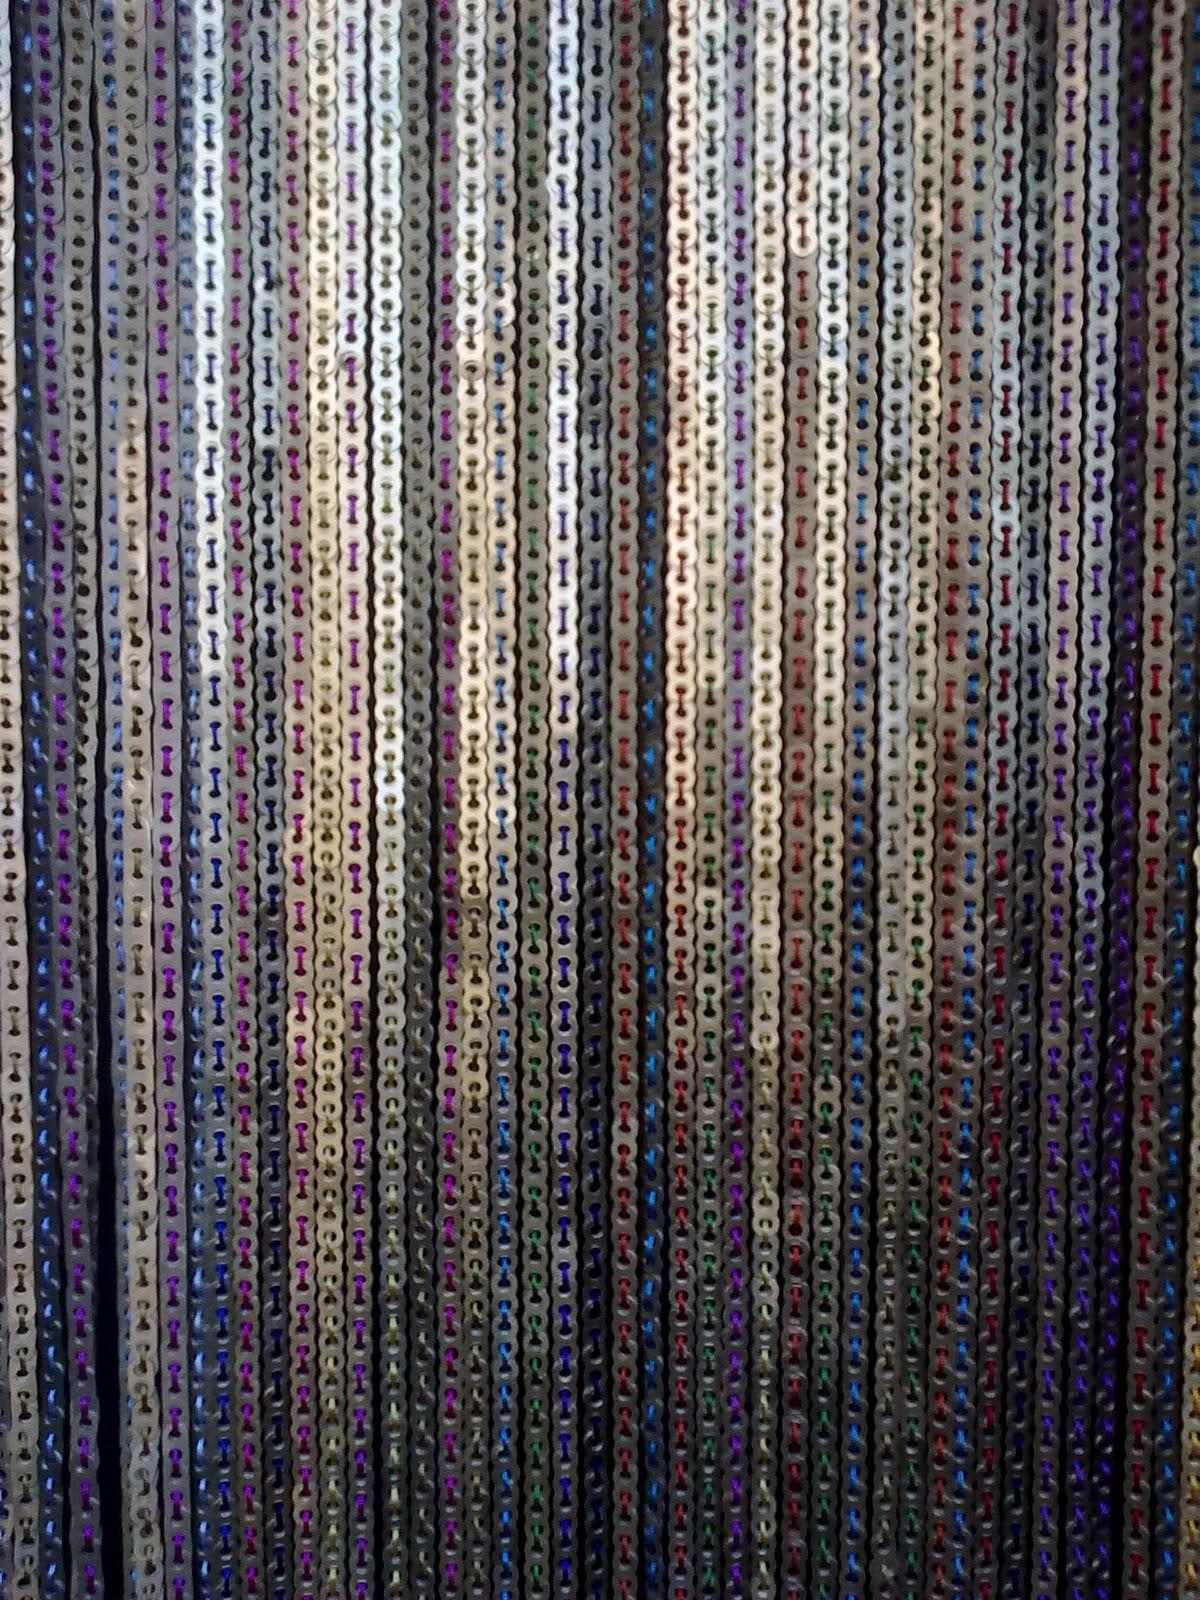 cortinas hechas de aluminio reciclado